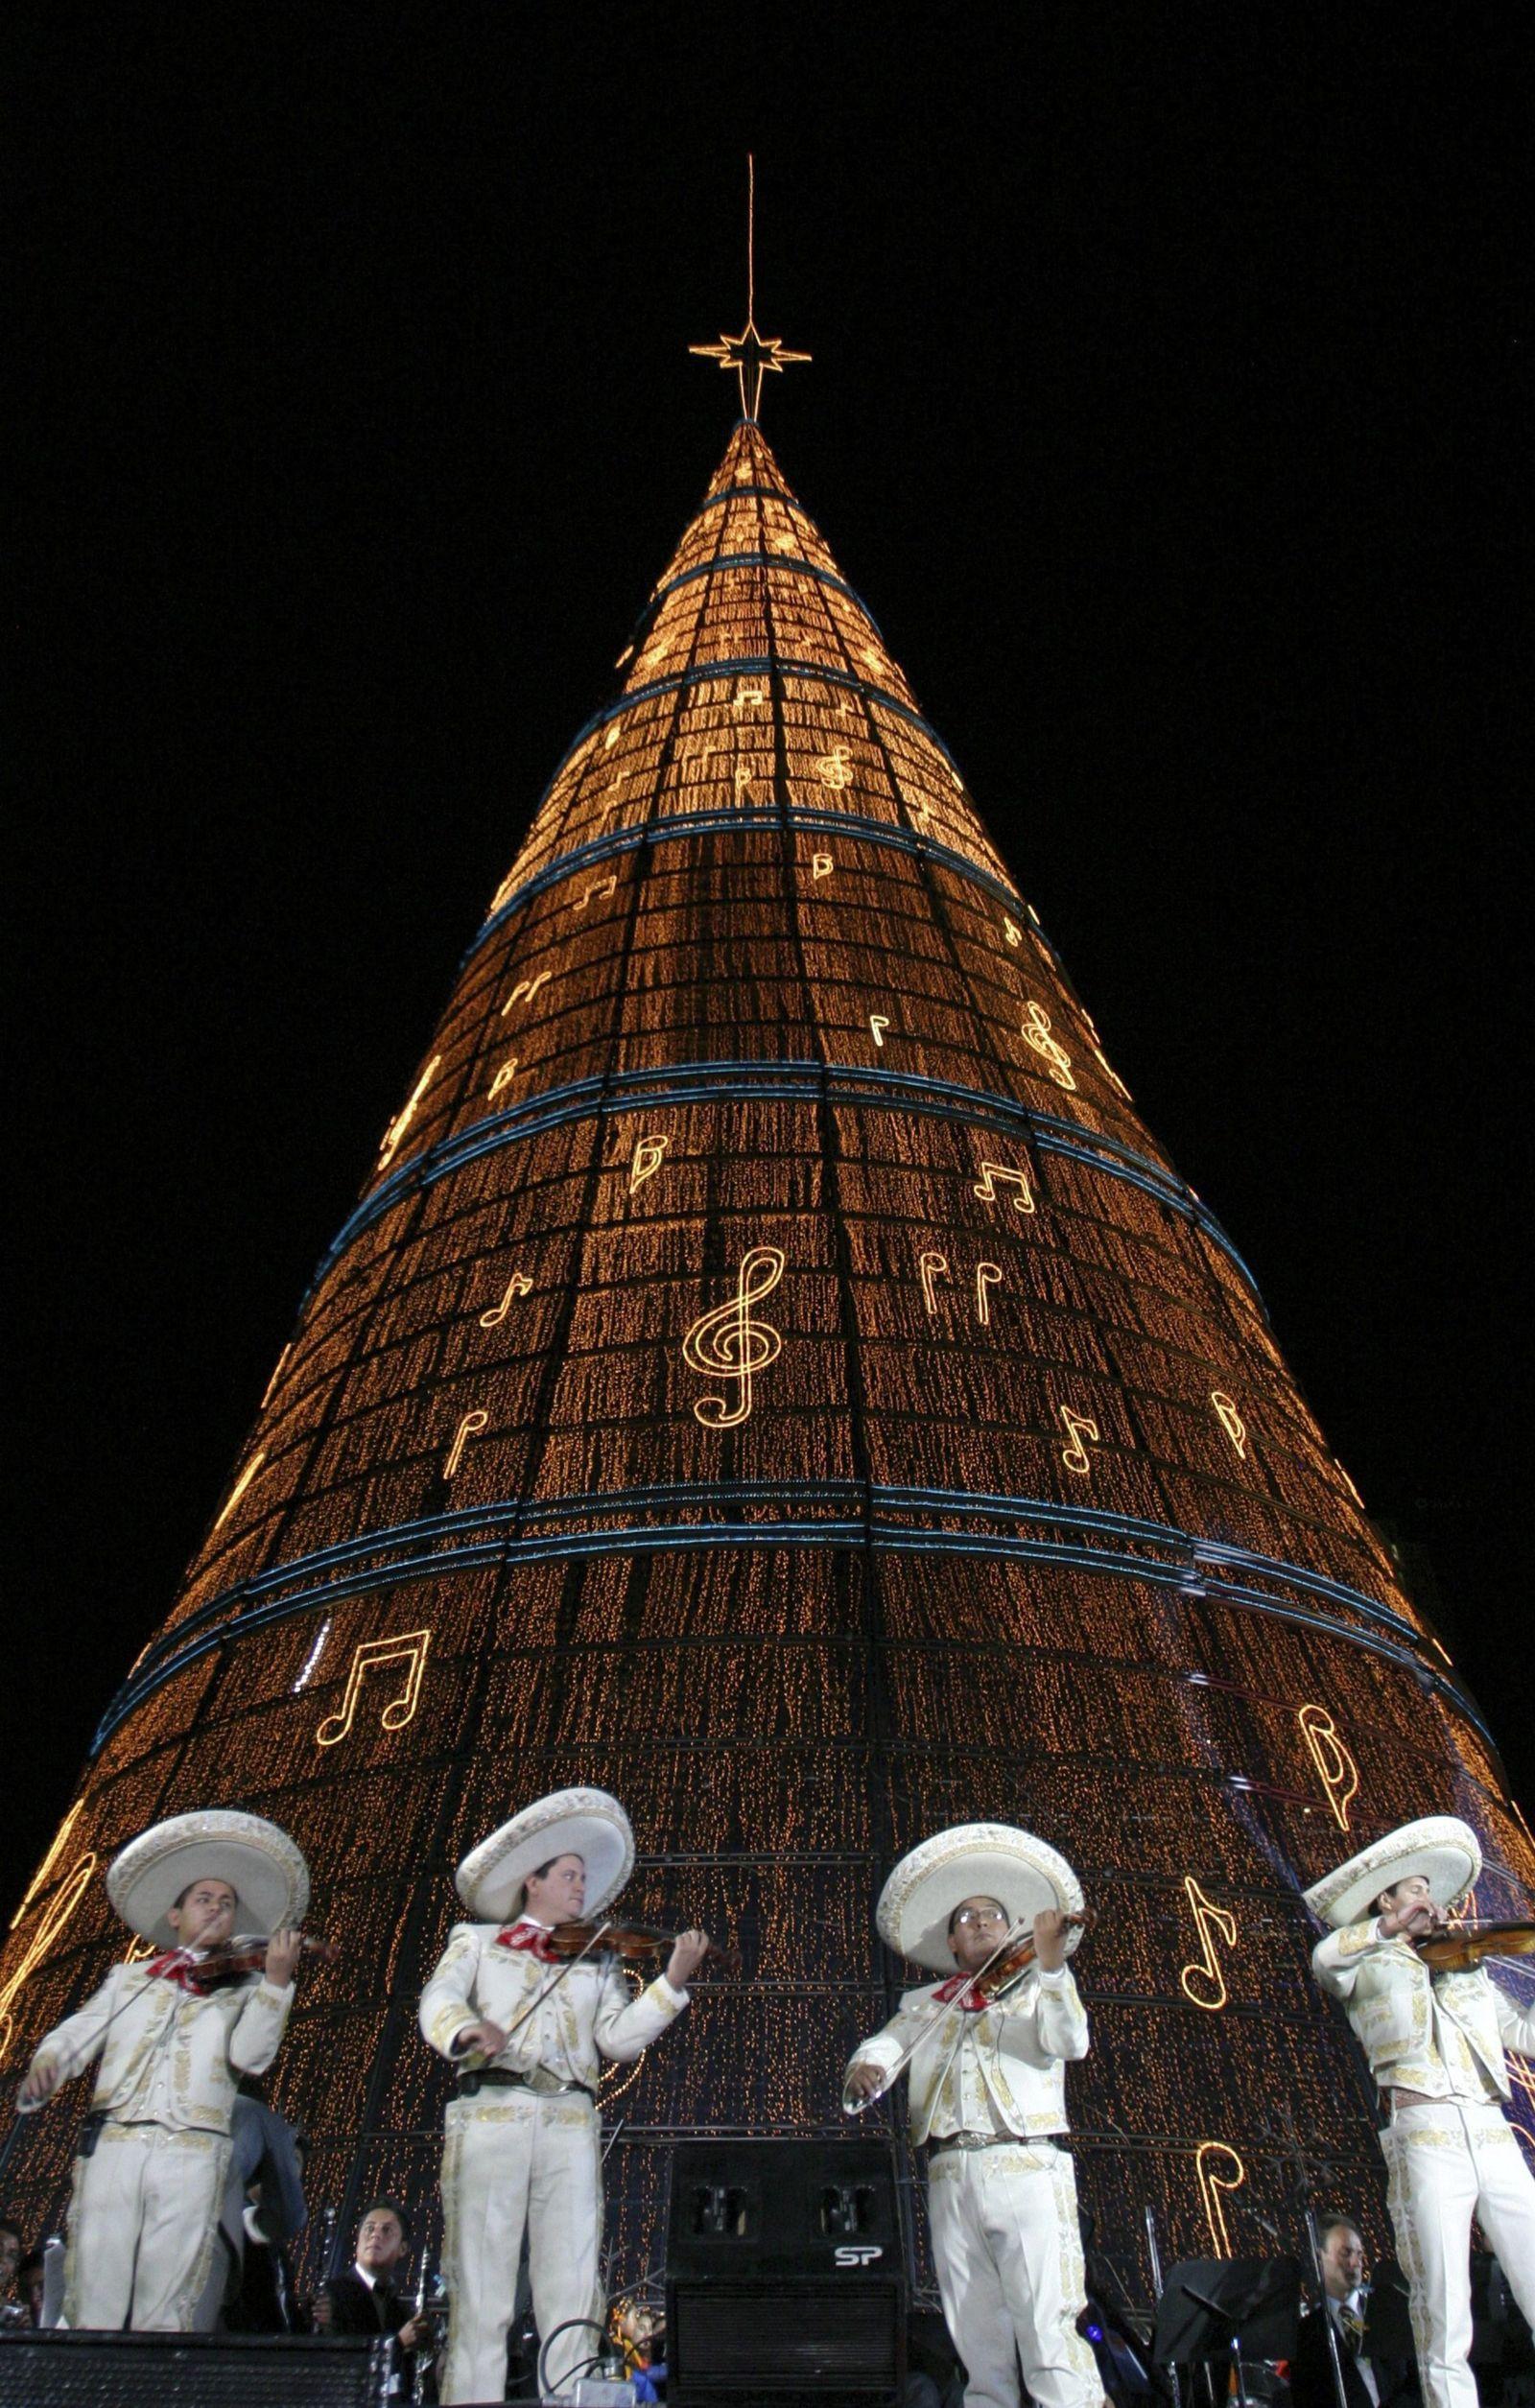 Mexiko weiht höchsten Weihnachtsbaum ein